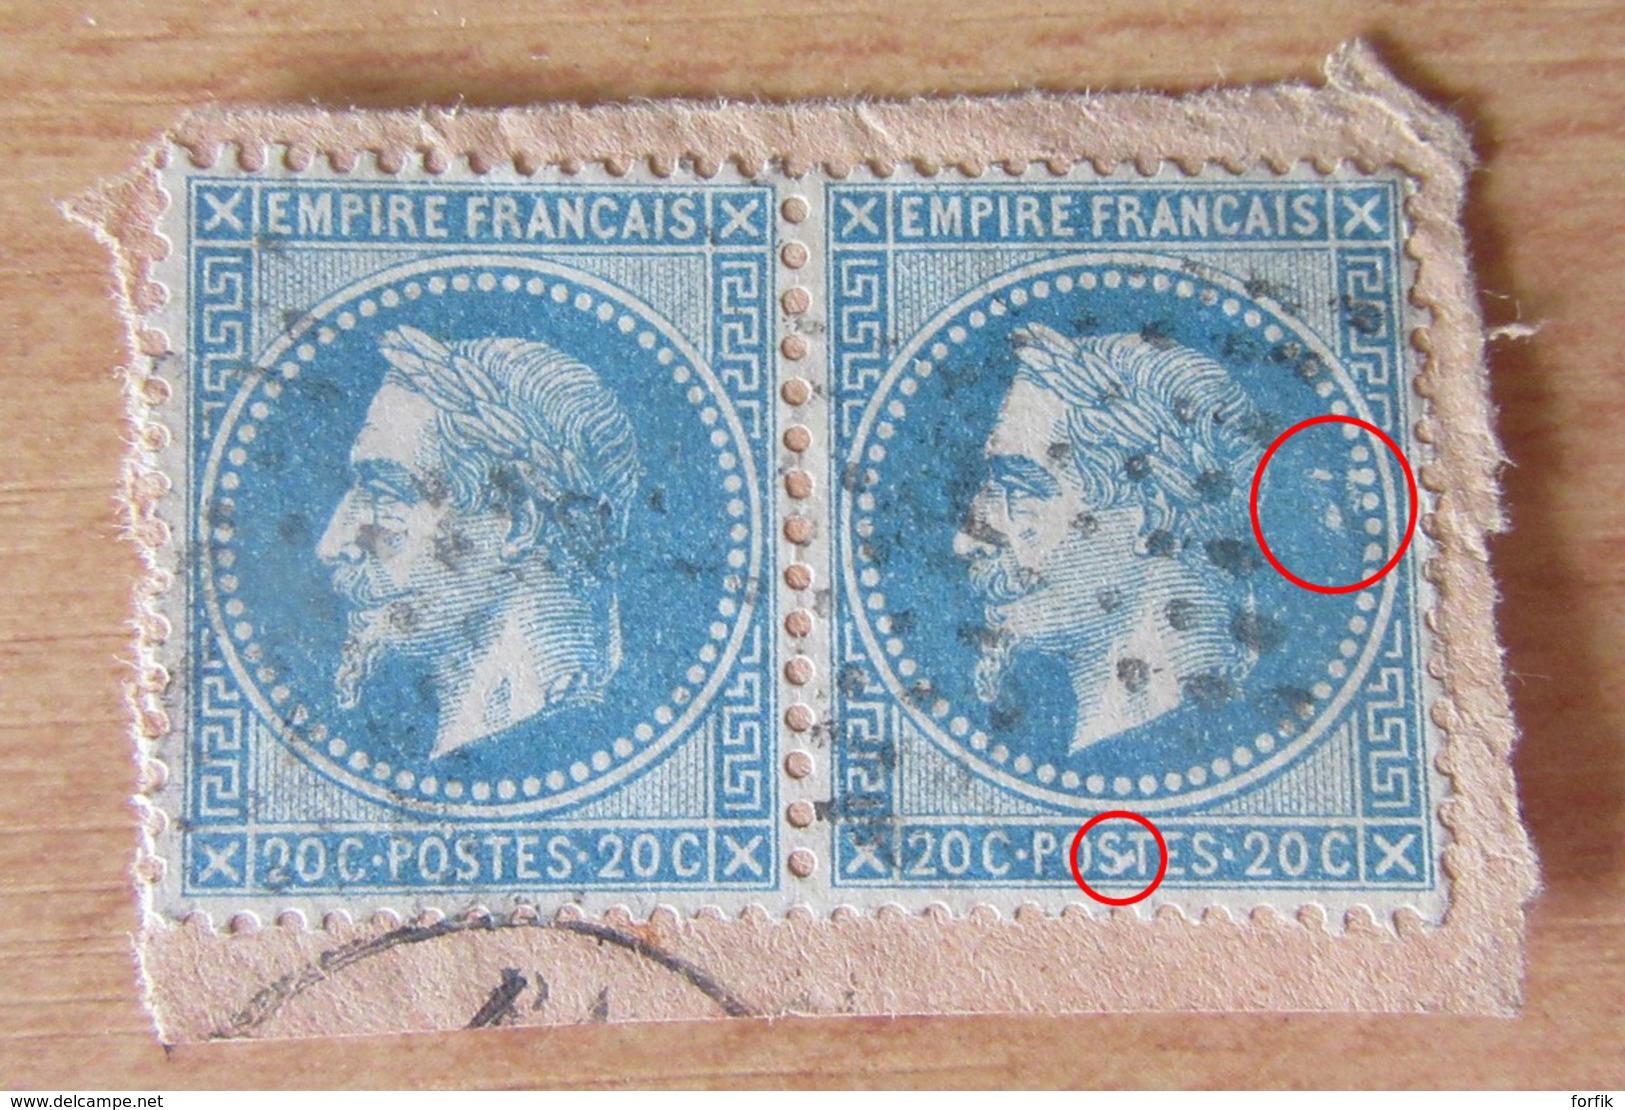 """France - Paire Horizontale Du 20c YT N°29B - Variété """"corne"""" Sur Le S De Postes (timbre De Droite) - 1863-1870 Napoleon III With Laurels"""